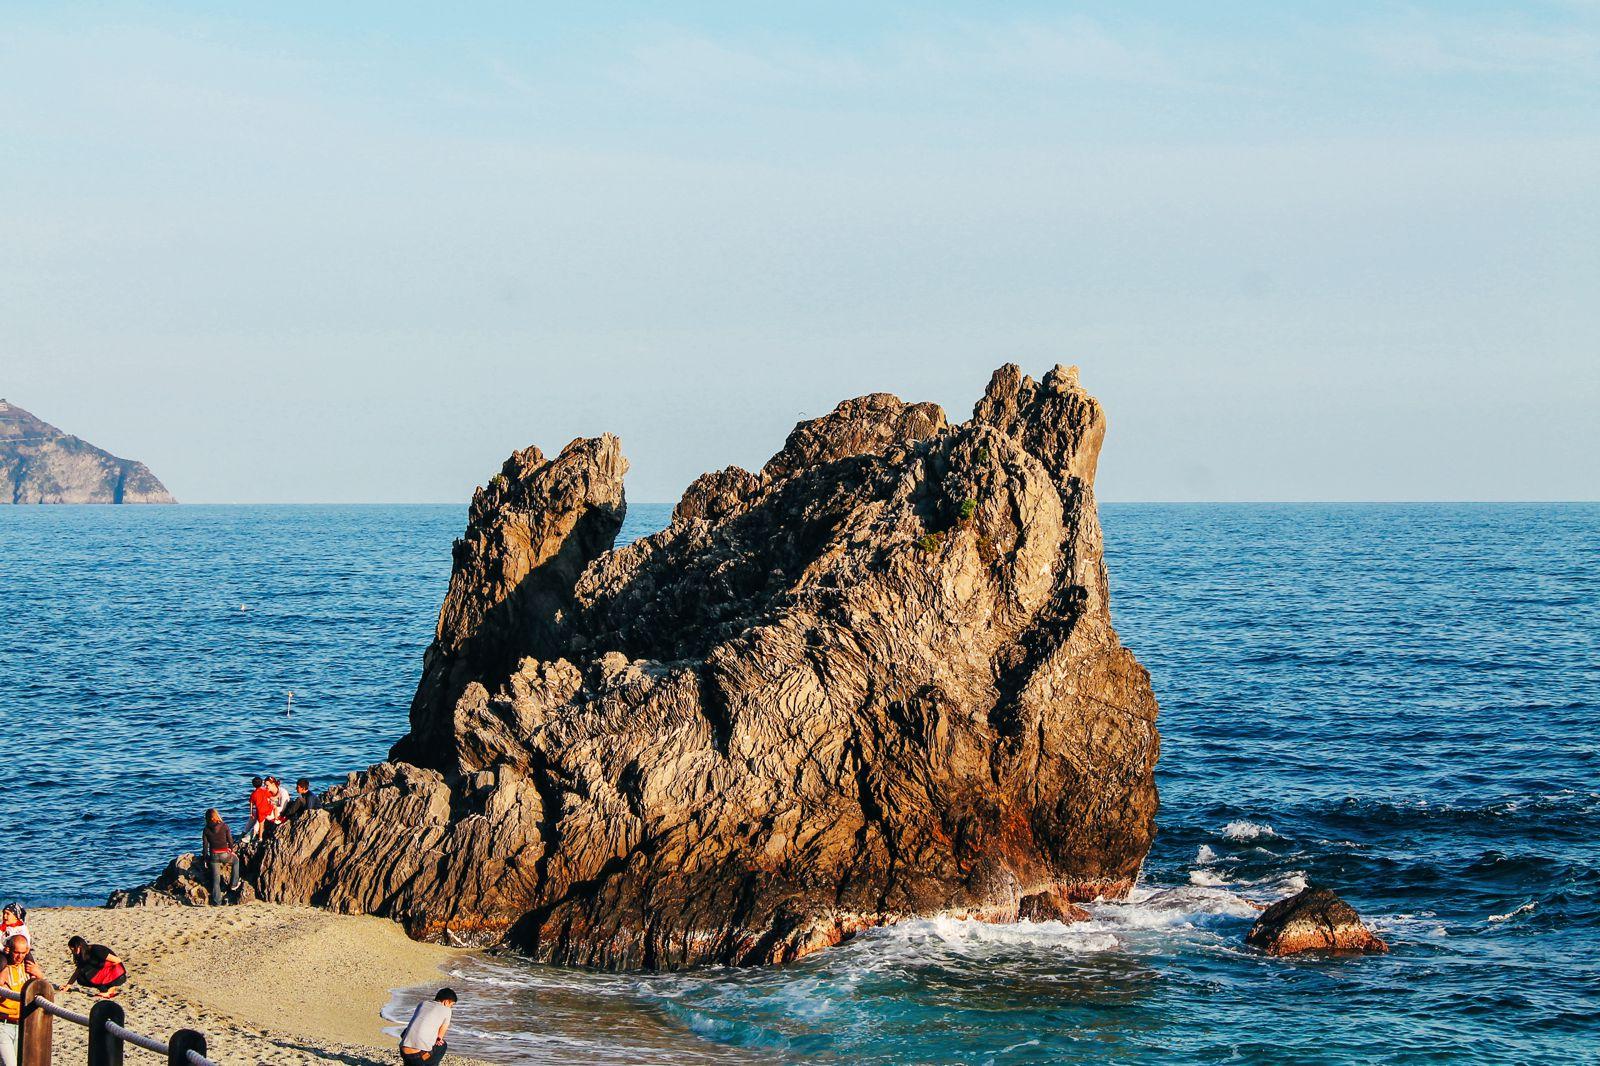 Monterosso al Mare in Cinque Terre, Italy - The Photo Diary! [5 of 5] (12)